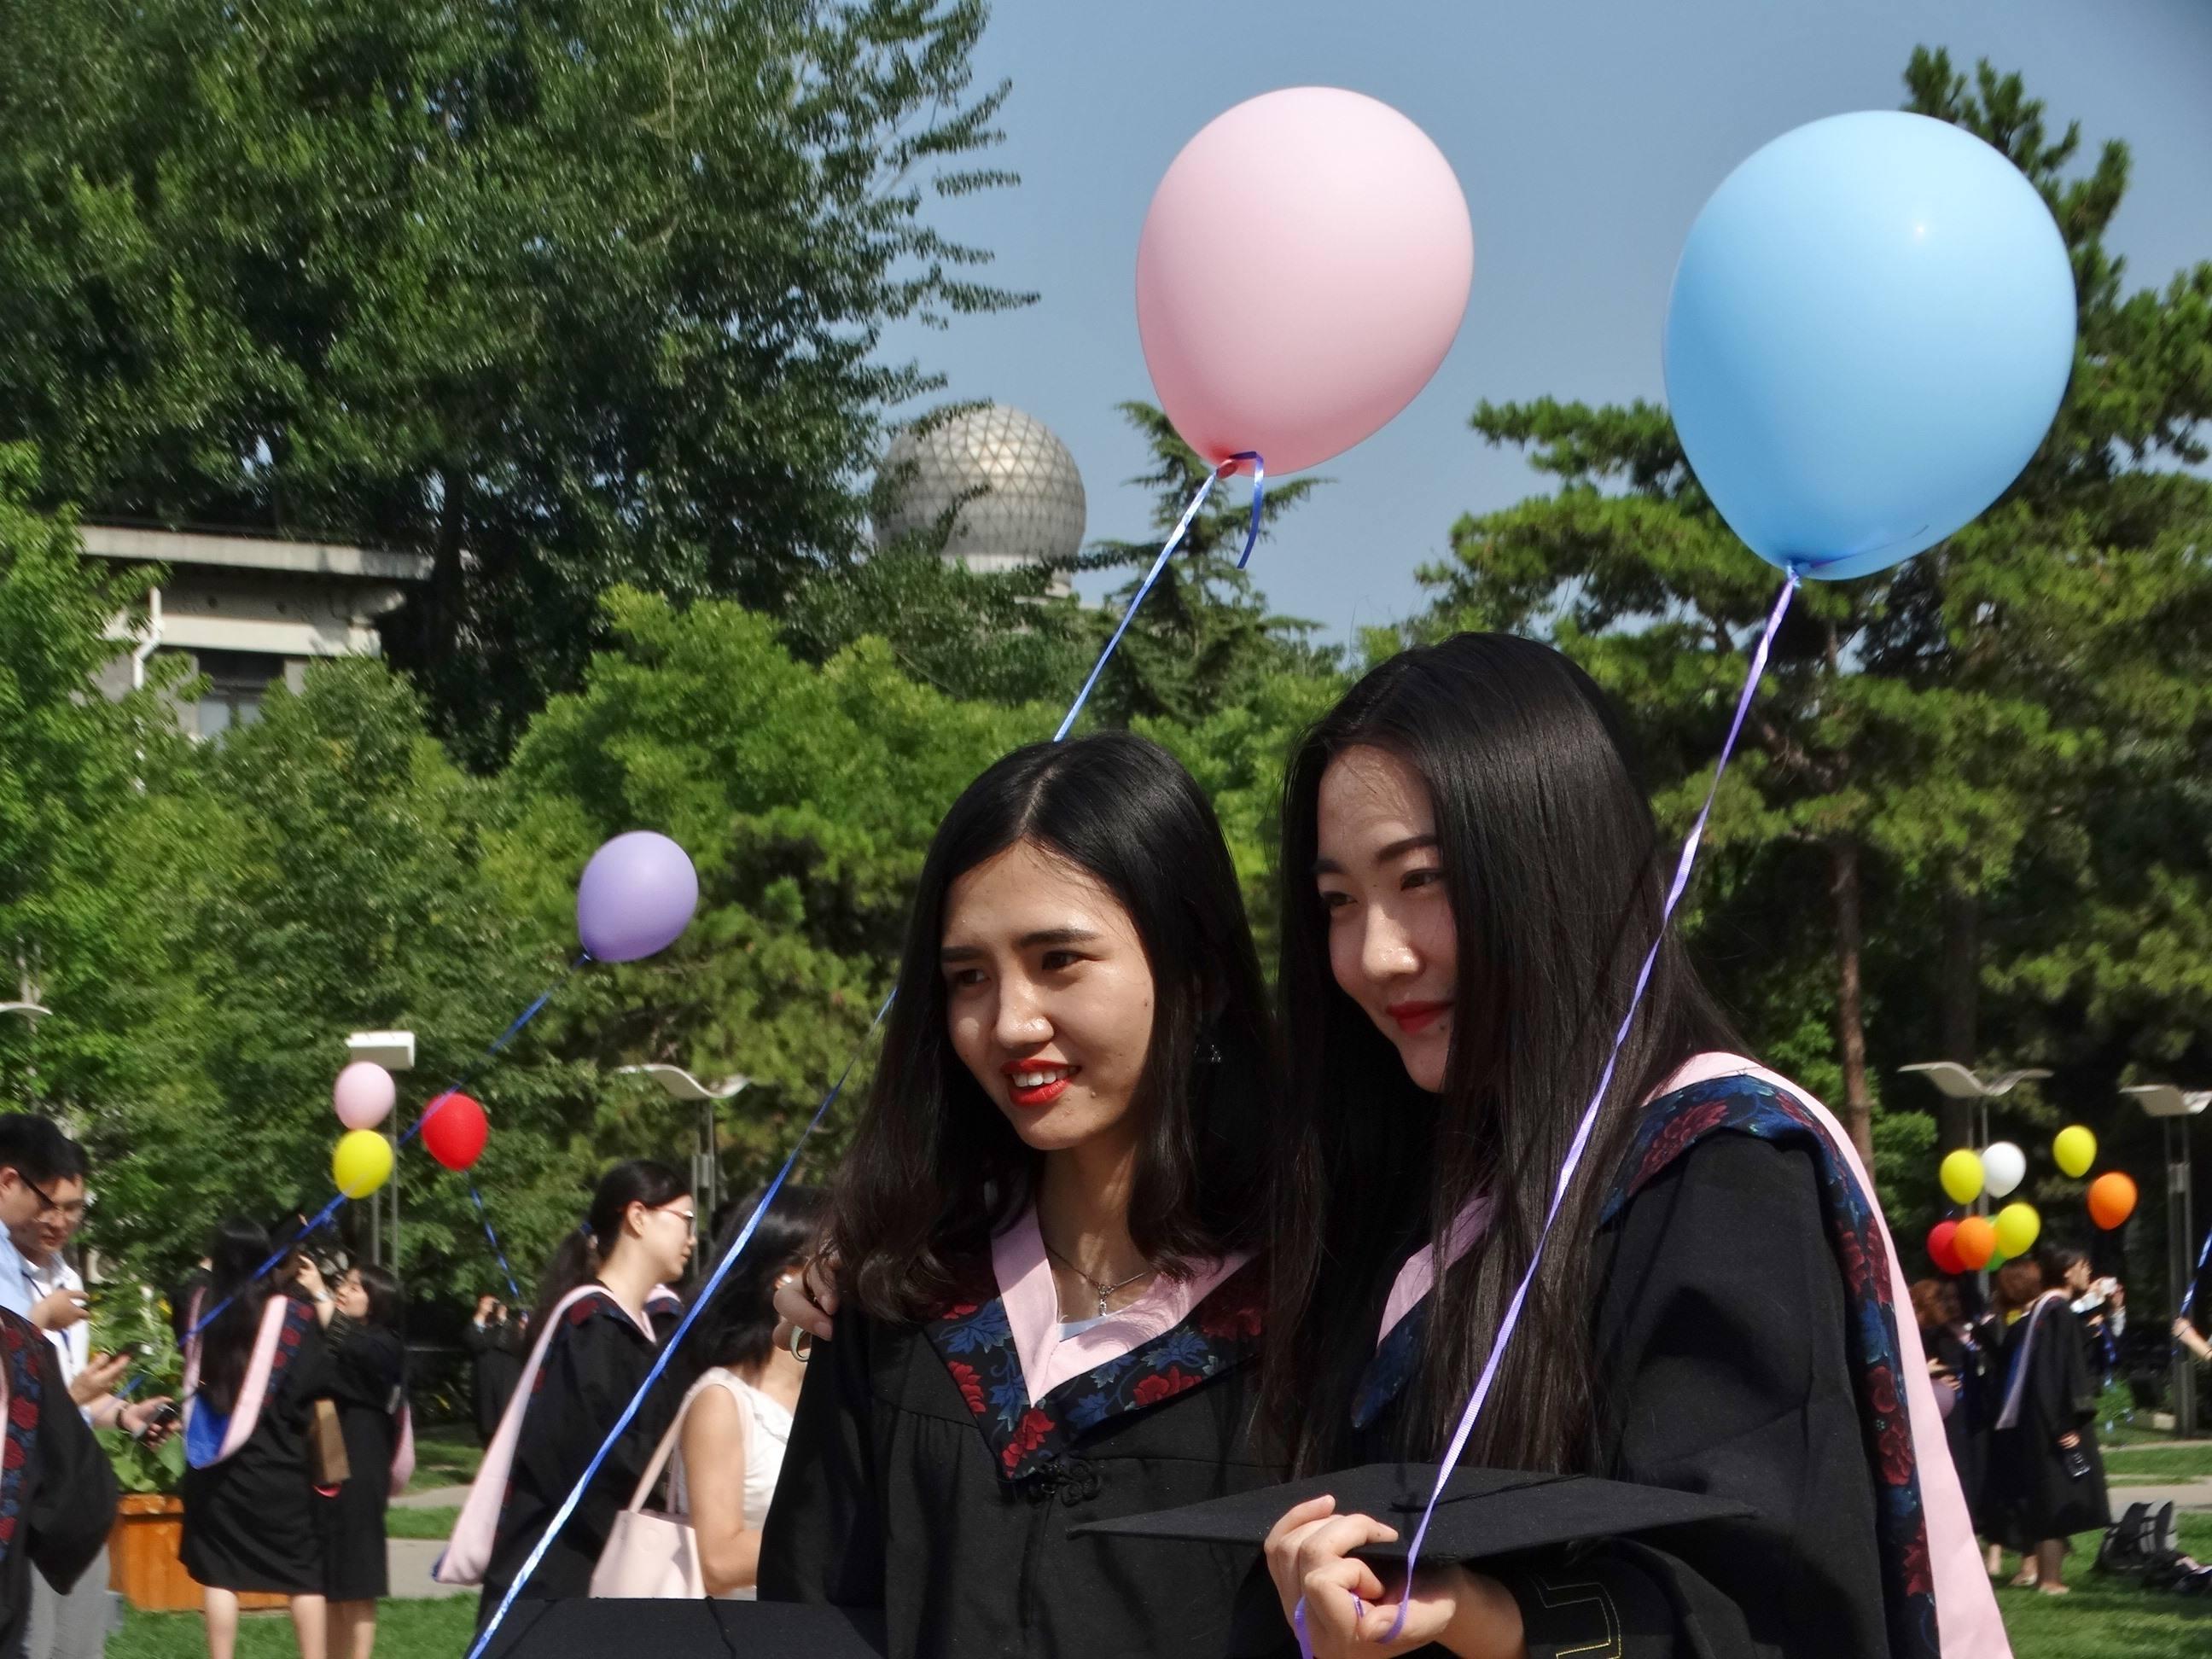 大学生毕业是回本地工作,还是在上大学的地方工作好?看完才明白